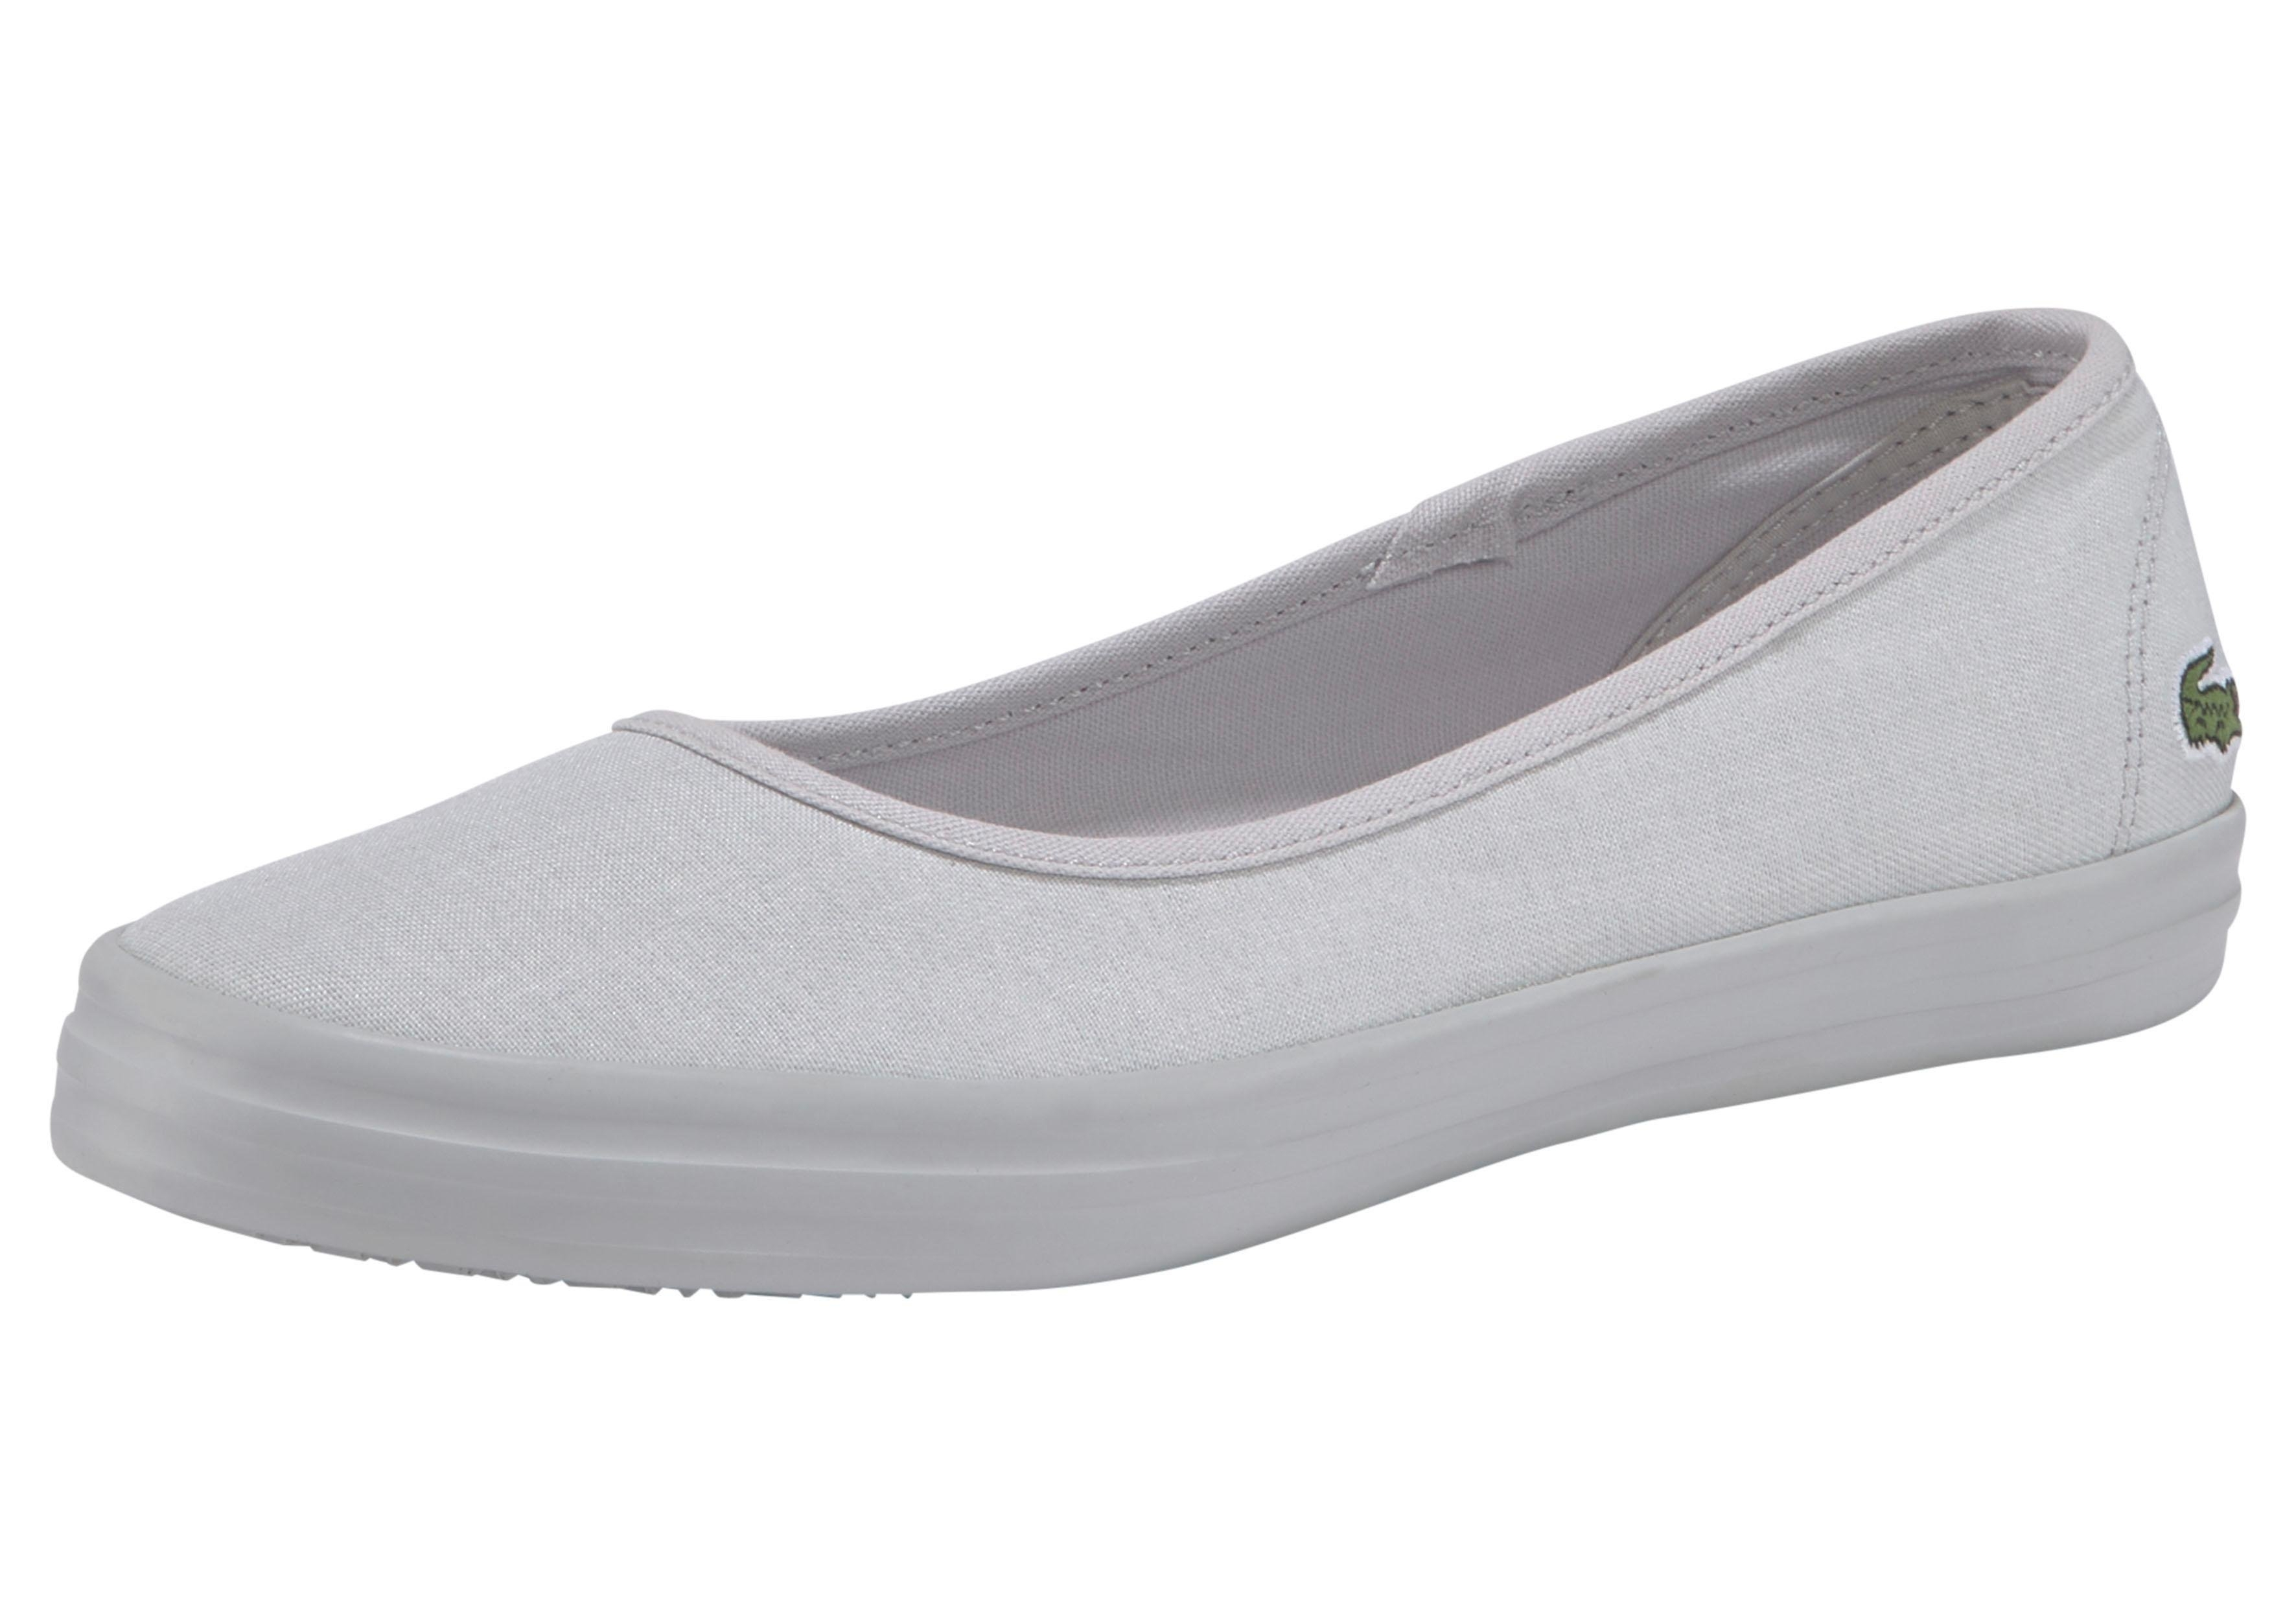 LACOSTE sneakerballerina's »ZIANE BALLET 319 1 CFA« nu online bestellen